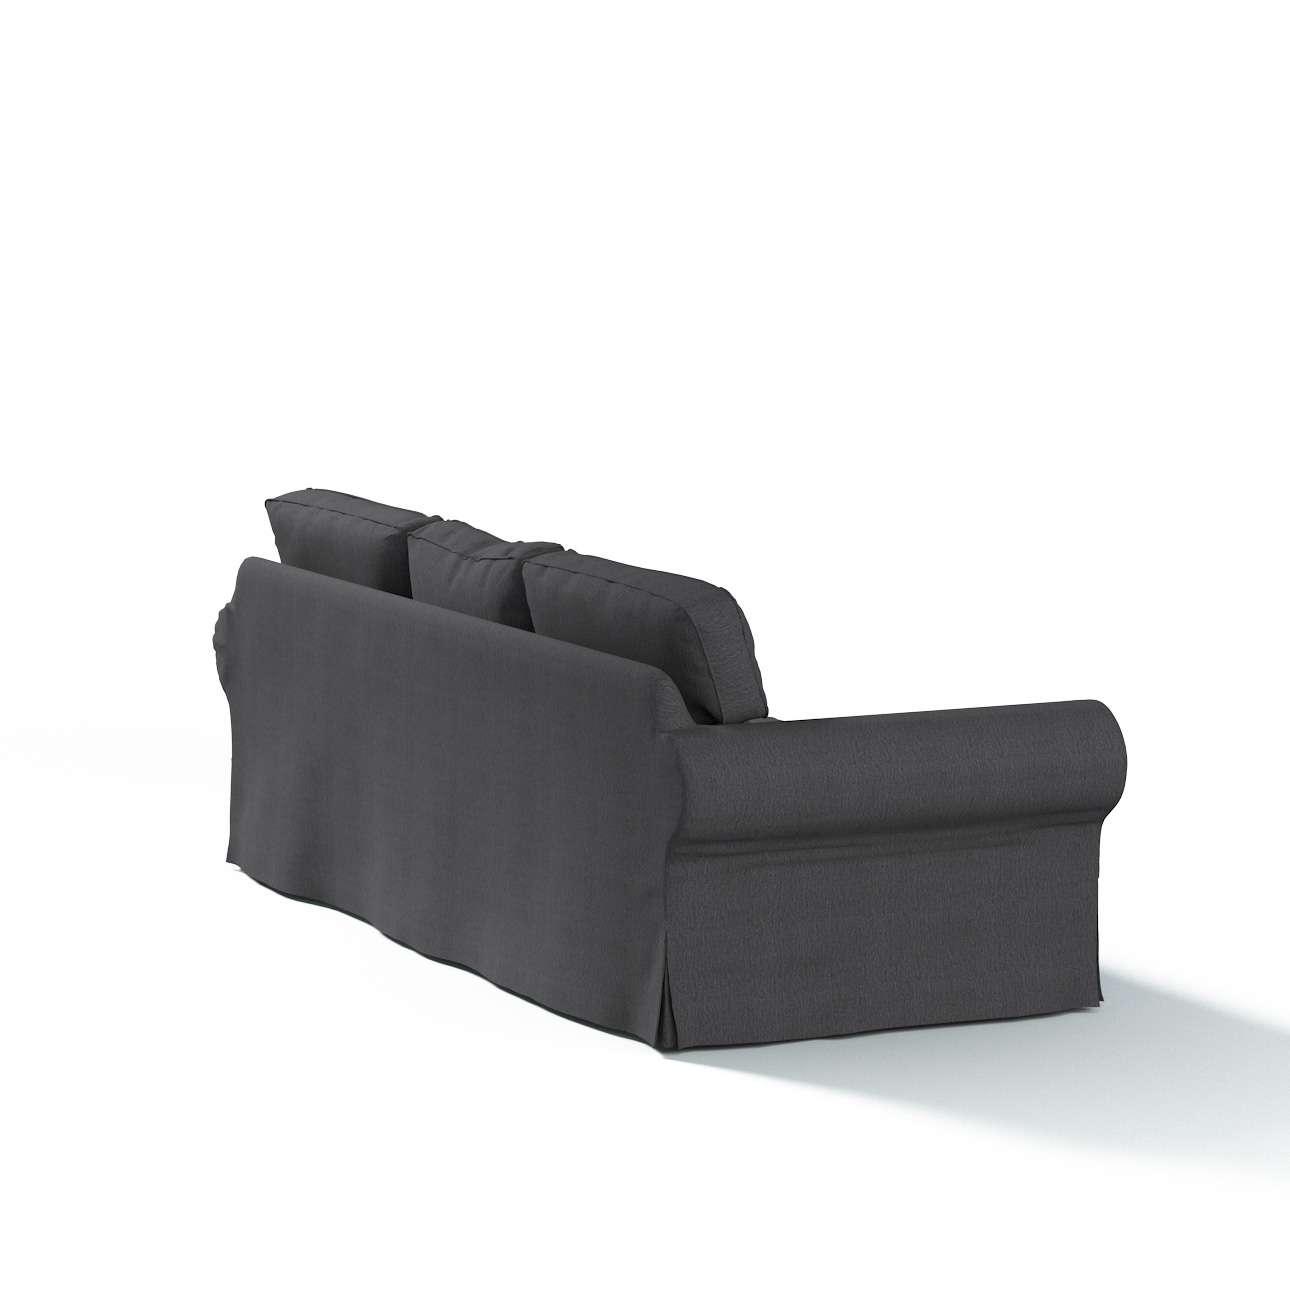 Ektorp trivietės sofos-lovos užvalkalas Ektorp trivietė sofa-lova kolekcijoje Chenille, audinys: 702-20